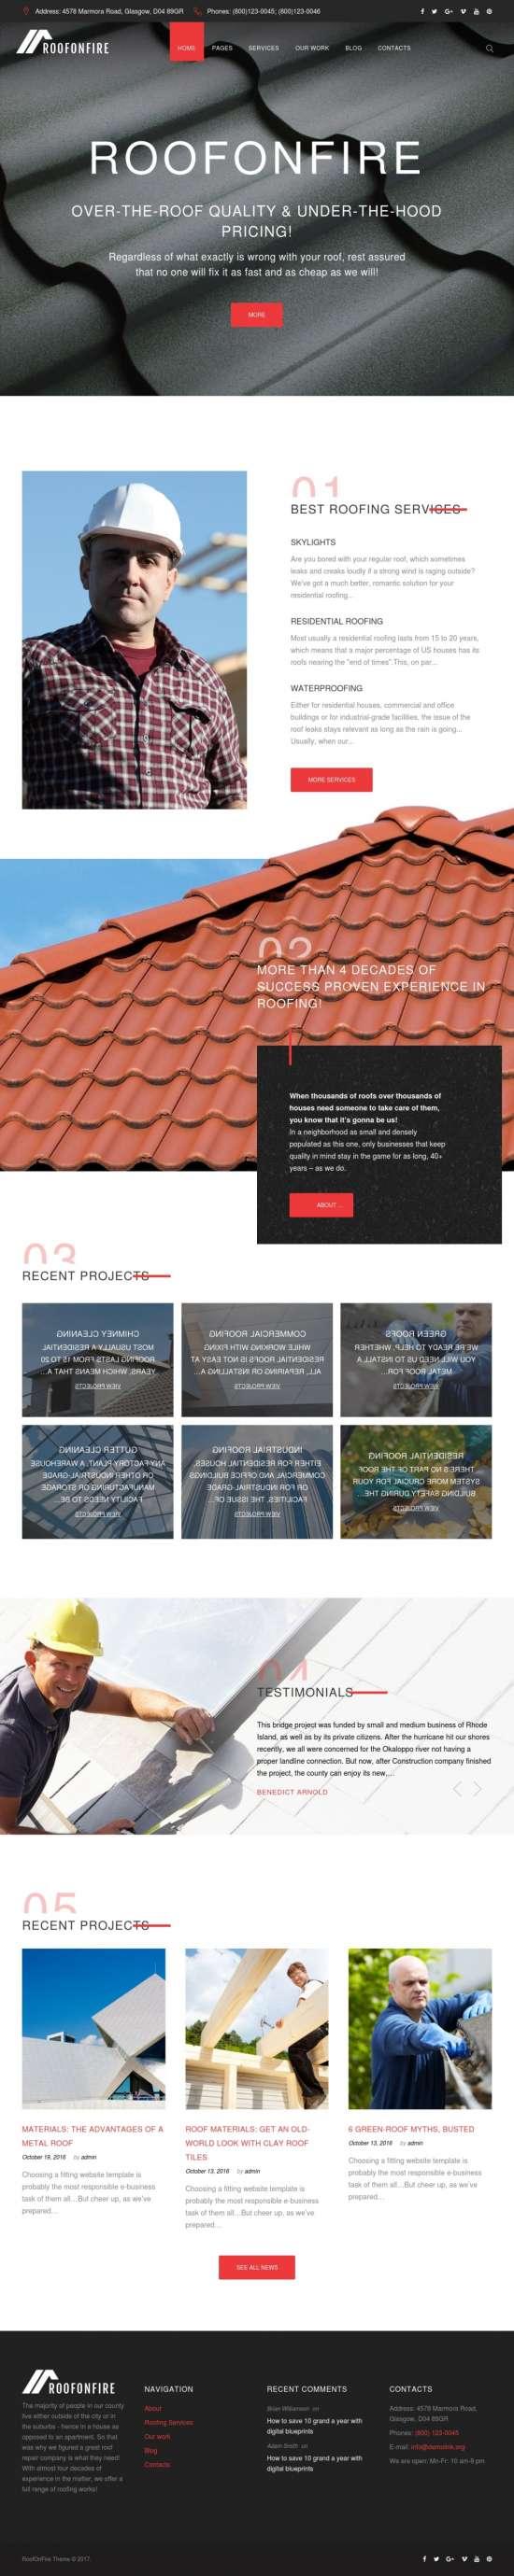 roofonfire wordpress theme template monster 01 550x2759 - RoofOnFire WordPress Theme